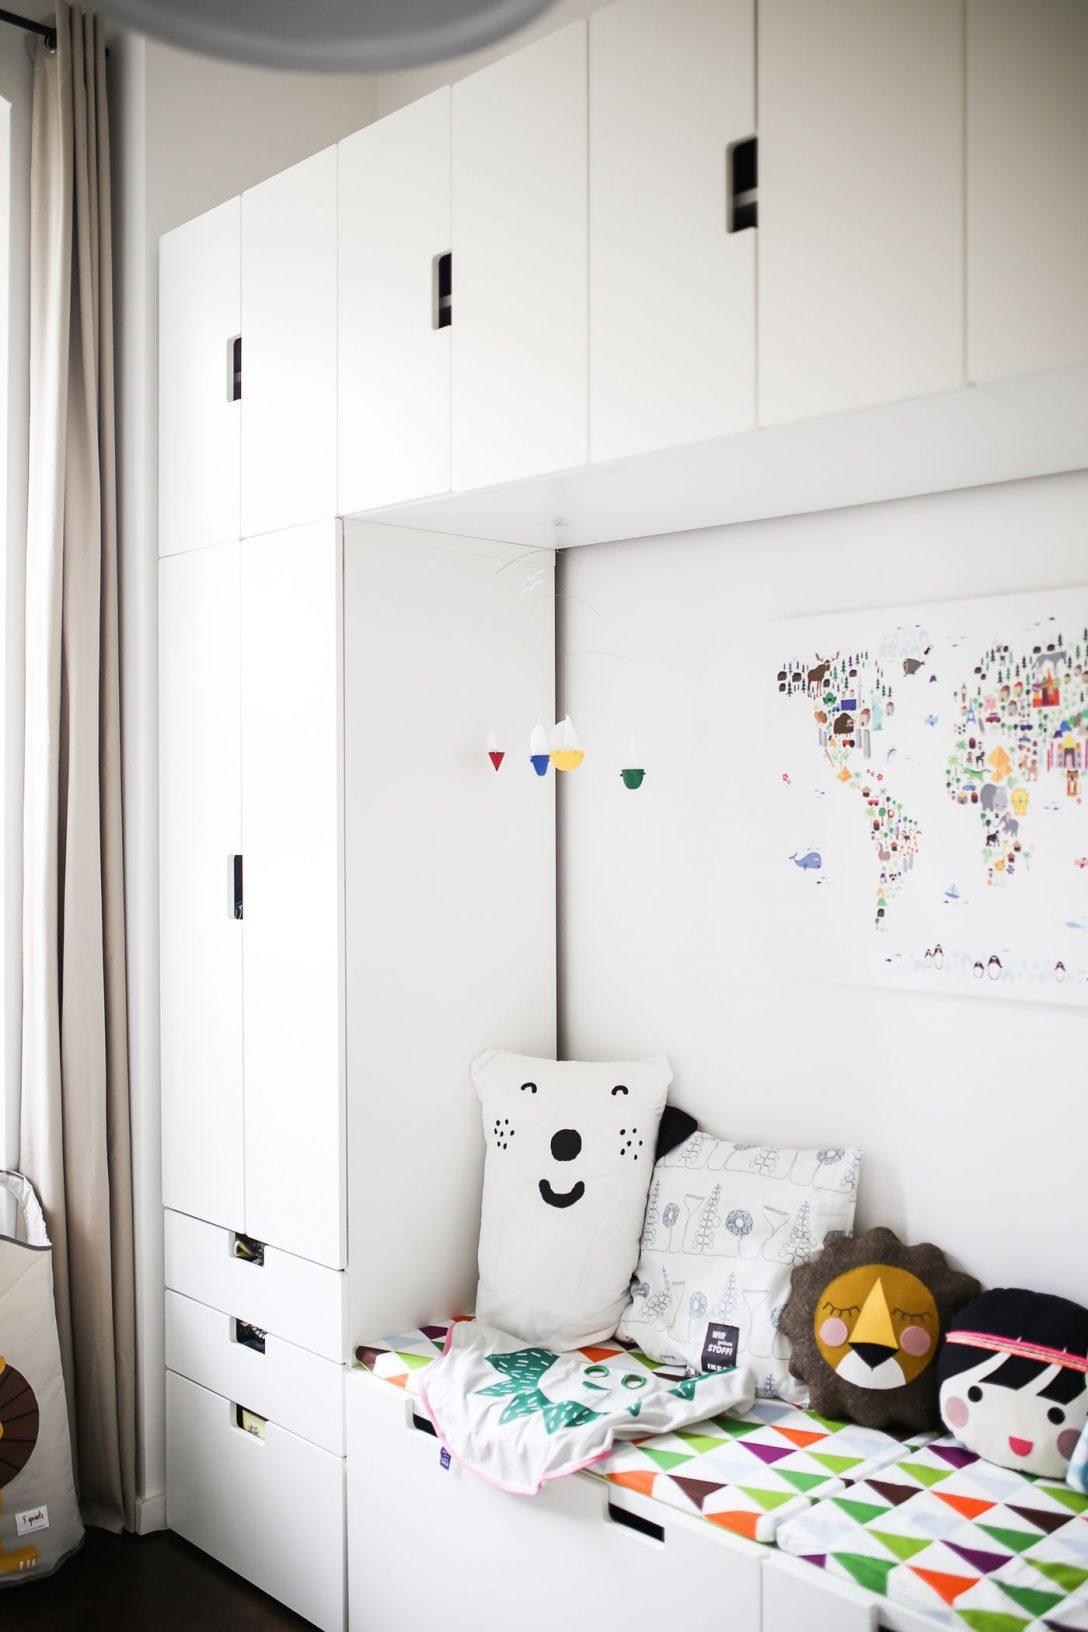 Large Size of Schrankbett Ikea 140 X 200 Kaufen 180x200 90x200 Selber Bauen Vertikal Hack Bei Preis Schweiz Ideen Fr Das Stuva Kinderzimmer Einrichtungssystem Miniküche Wohnzimmer Schrankbett Ikea